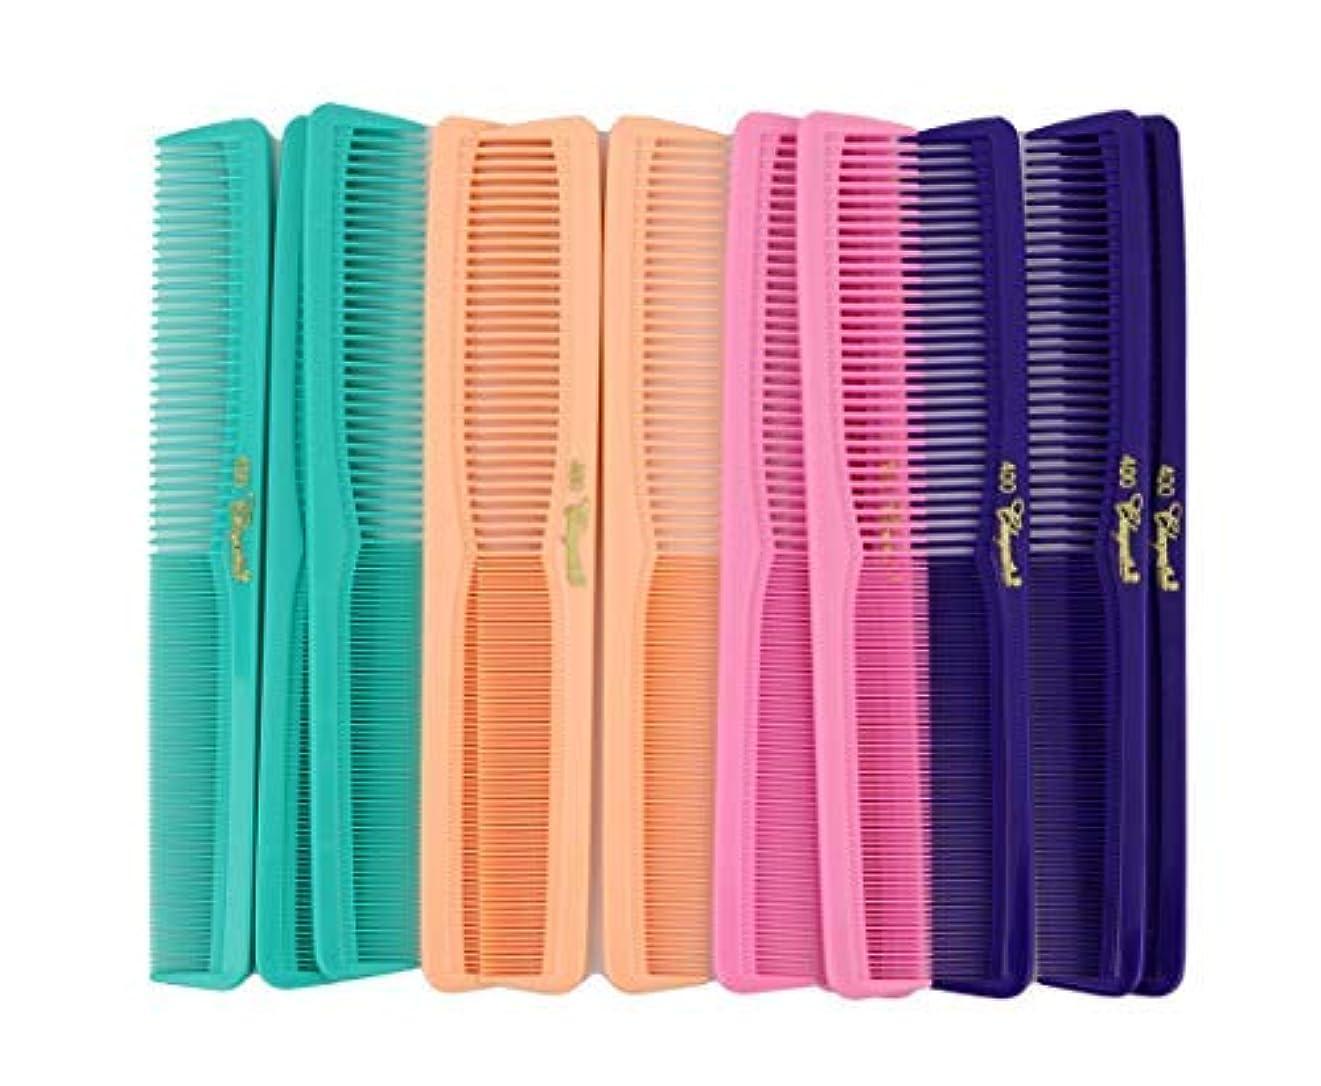 カプラー散るリファイン7 inch All Purpose Hair Comb. Hair Cutting Combs. Barber's & Hairstylist Combs. Fresh Mix 12 Units. [並行輸入品]